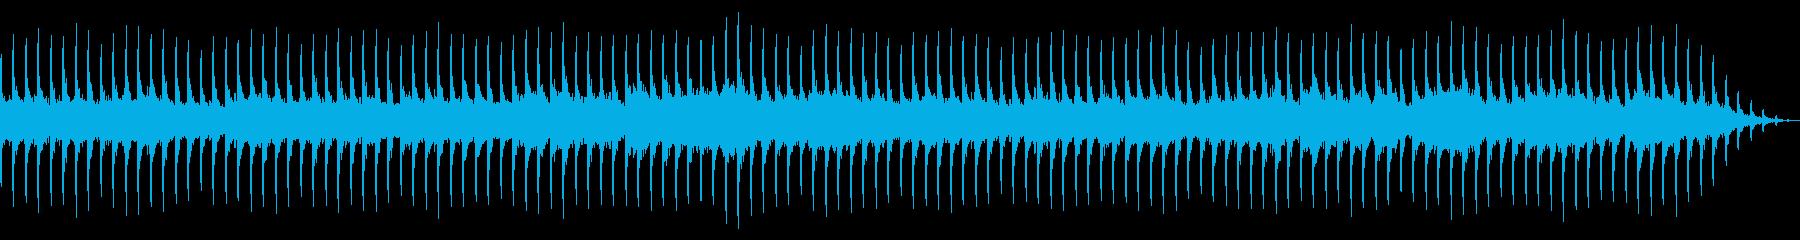 裸のための環境音楽の再生済みの波形